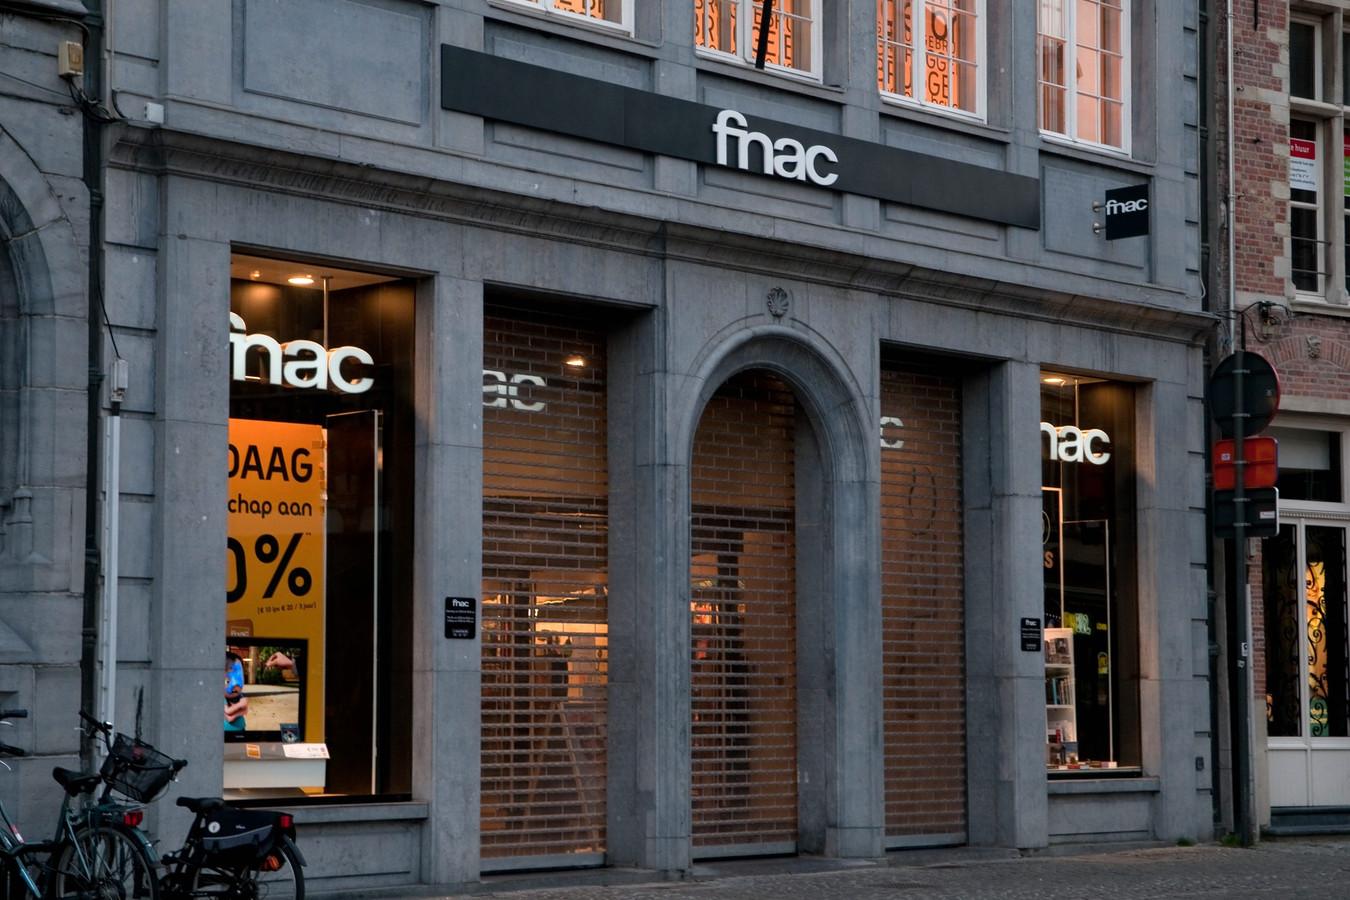 De feiten speelden zich af in de Fnac in Brugge. (archiefbeeld)